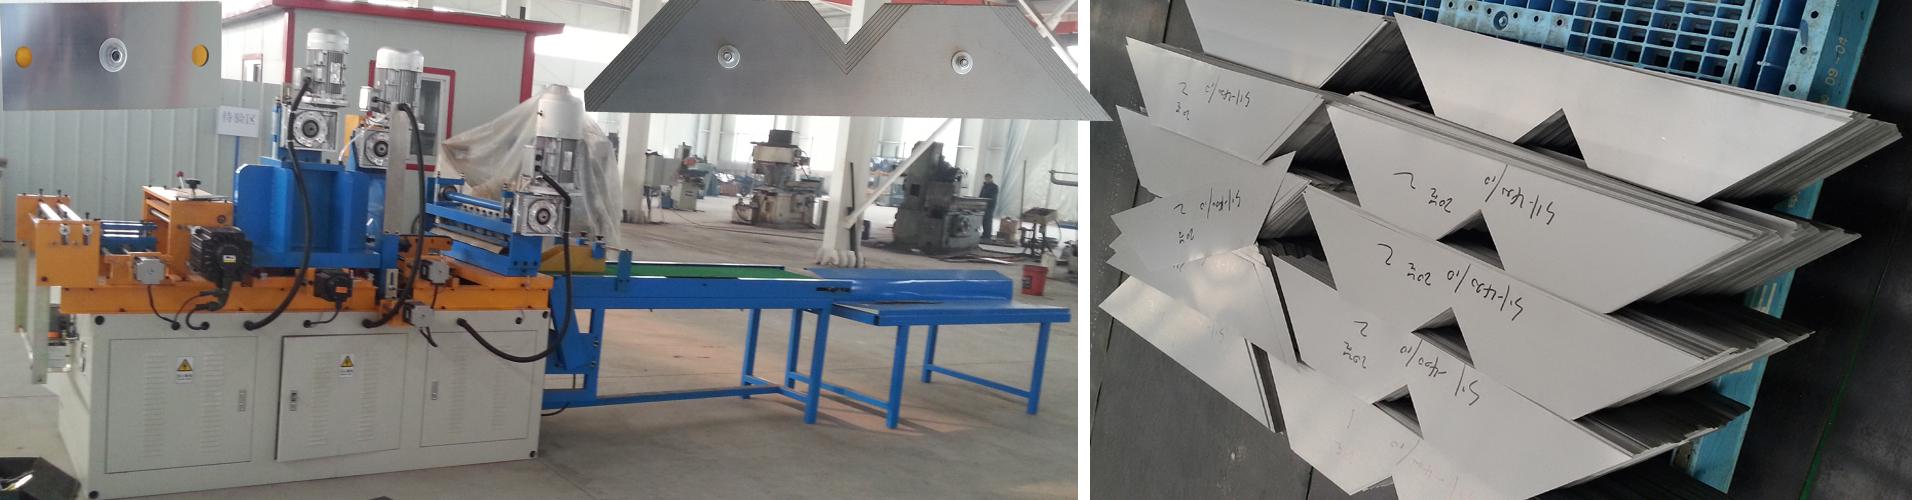 core cutting machine factory